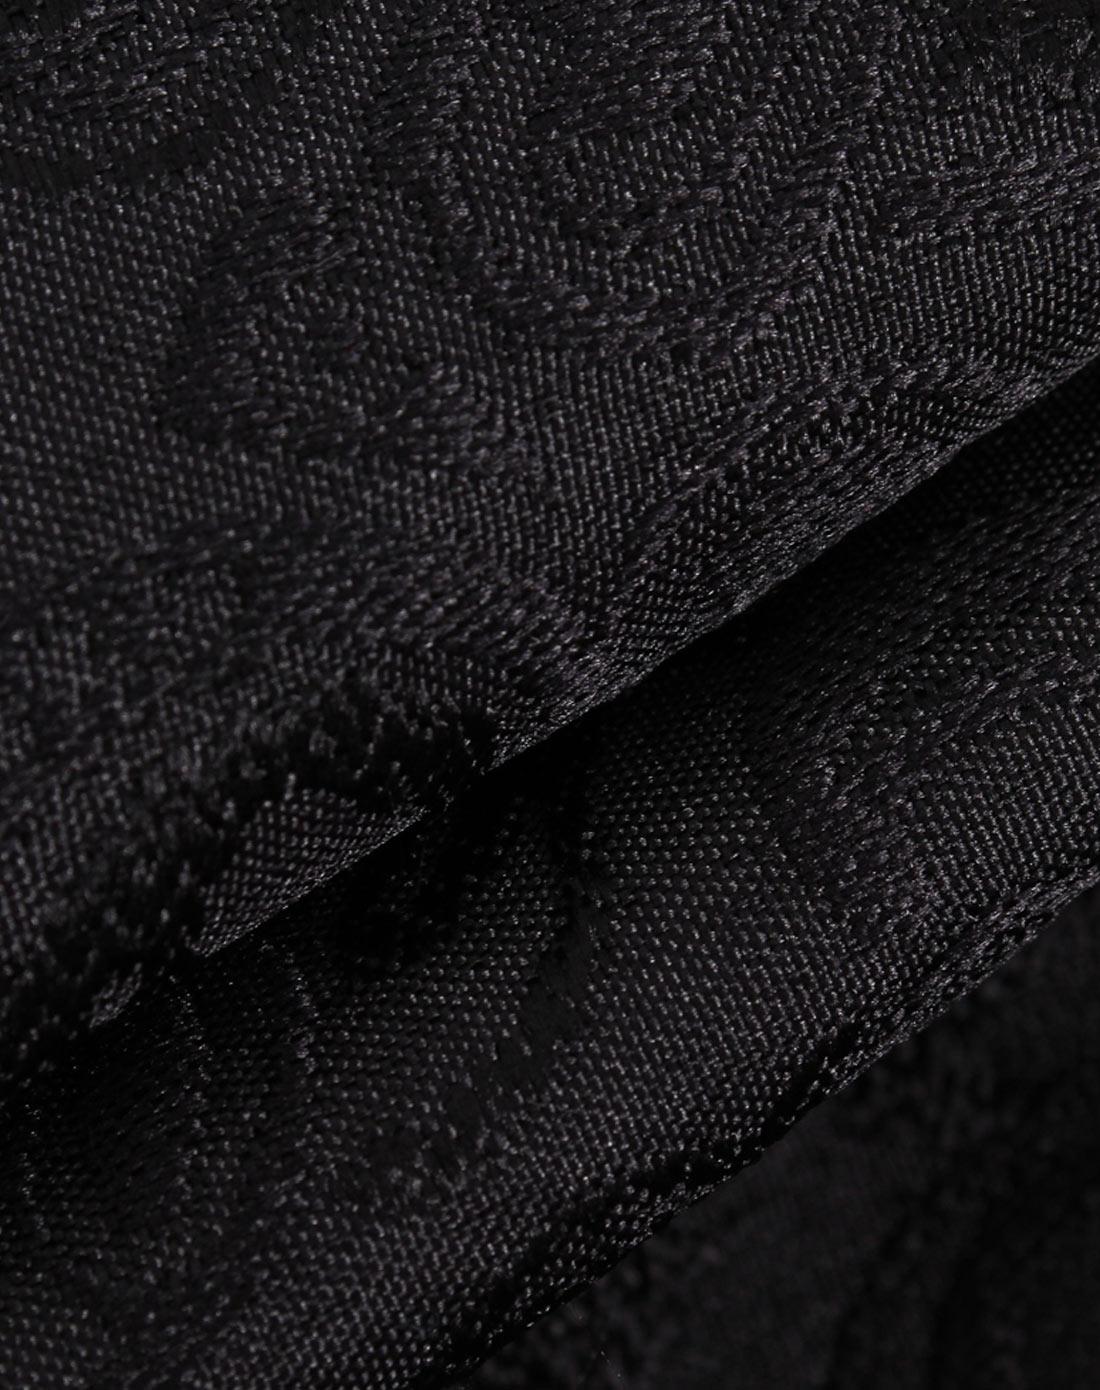 黑色中腰提花面料廓形显瘦休闲裤